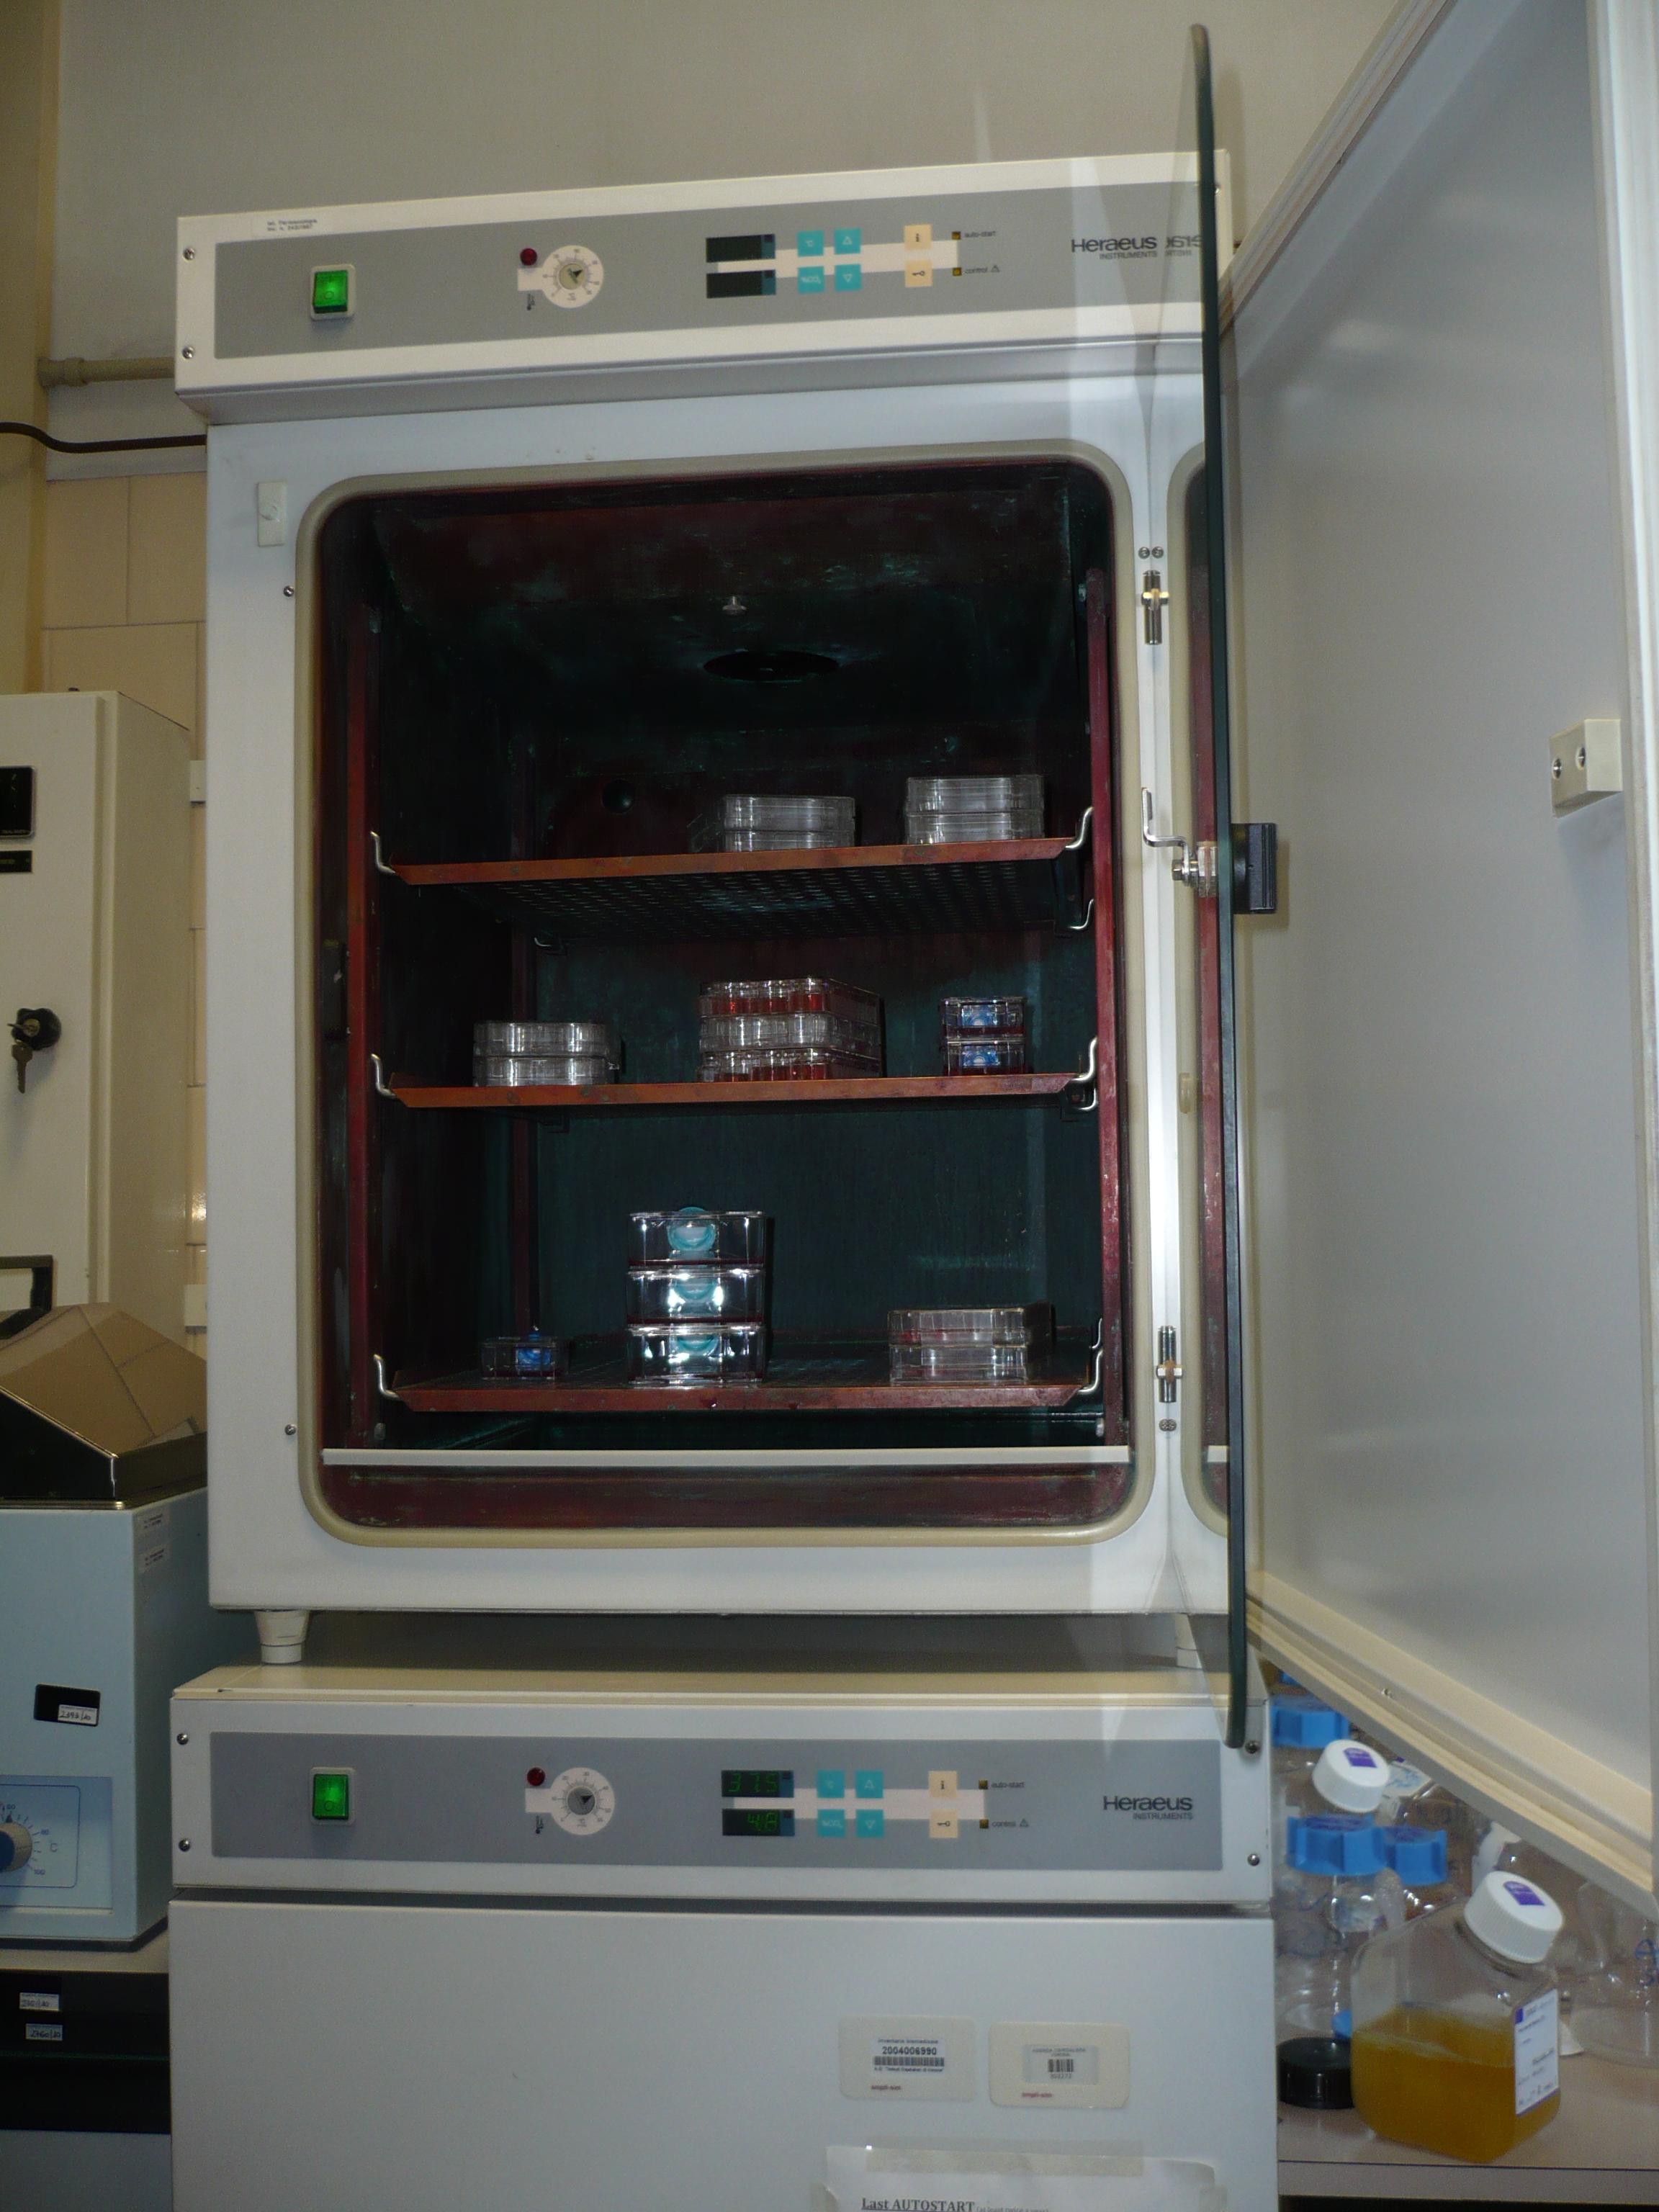 9 l'incubatore dove vengono coltivate le cellule staminali